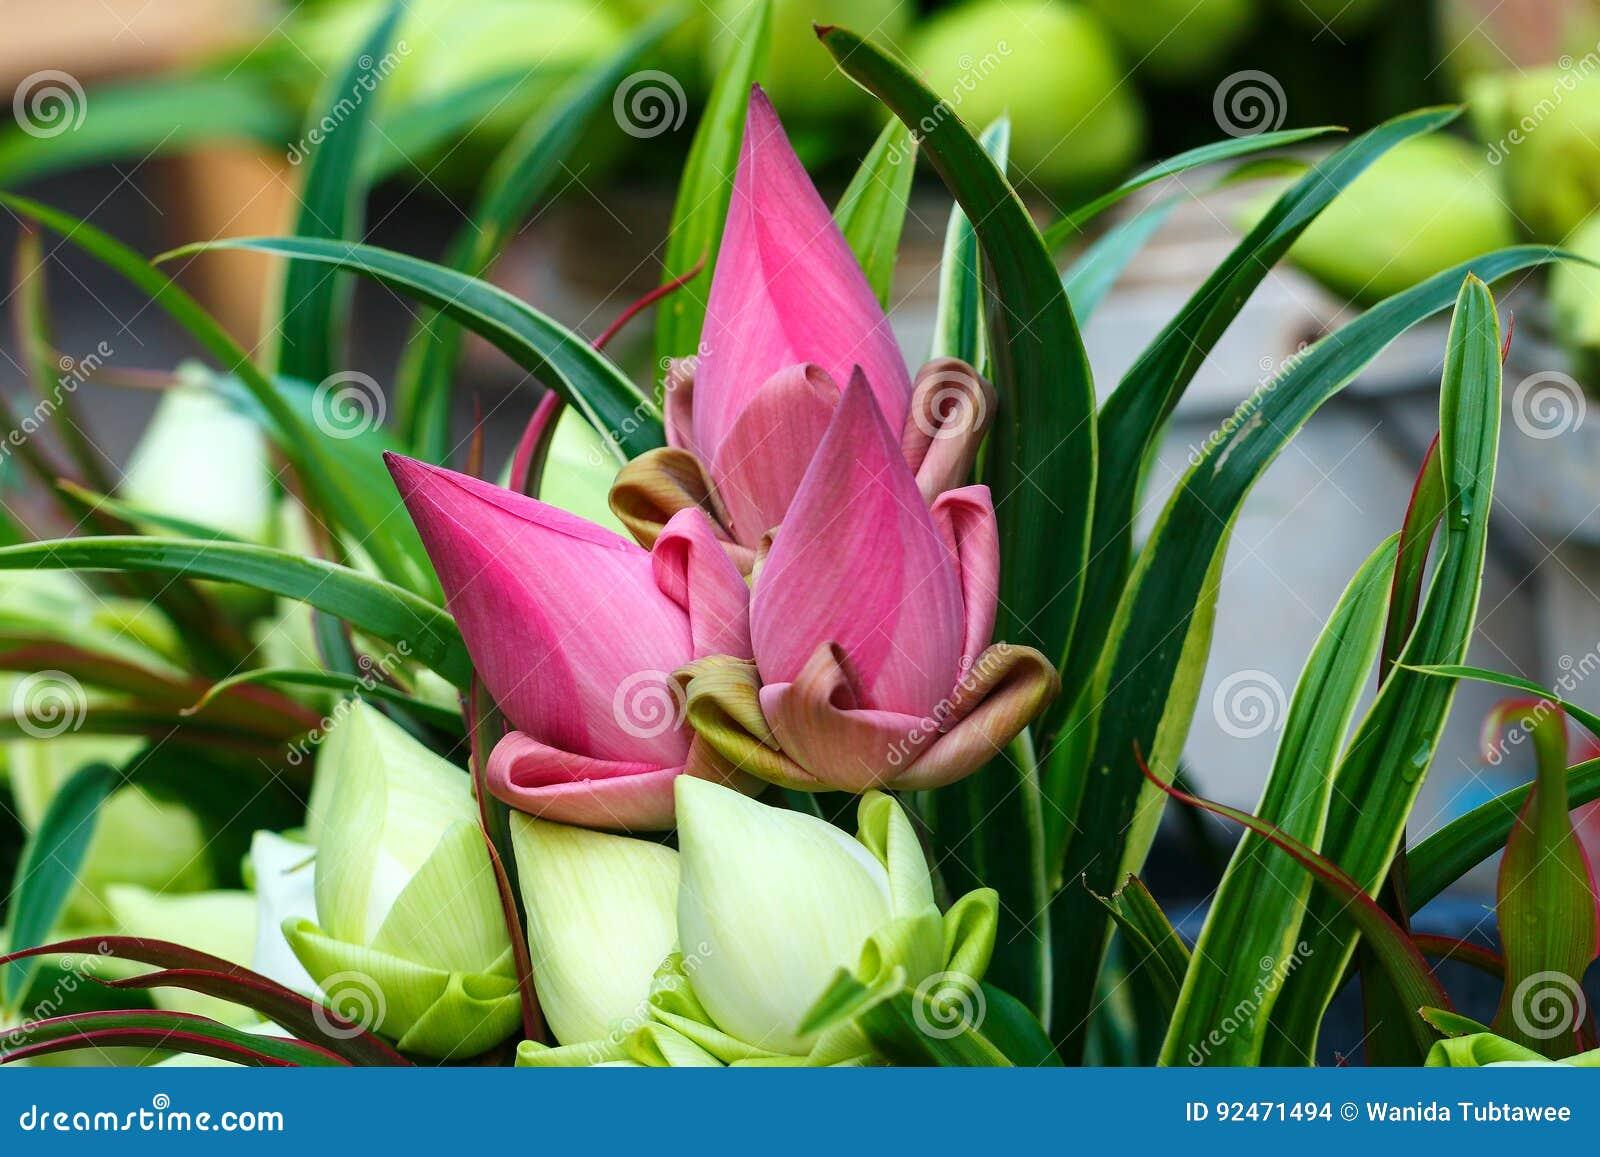 Flor De Lotus Flor De Loto Para La Adoración Budista Buda En El